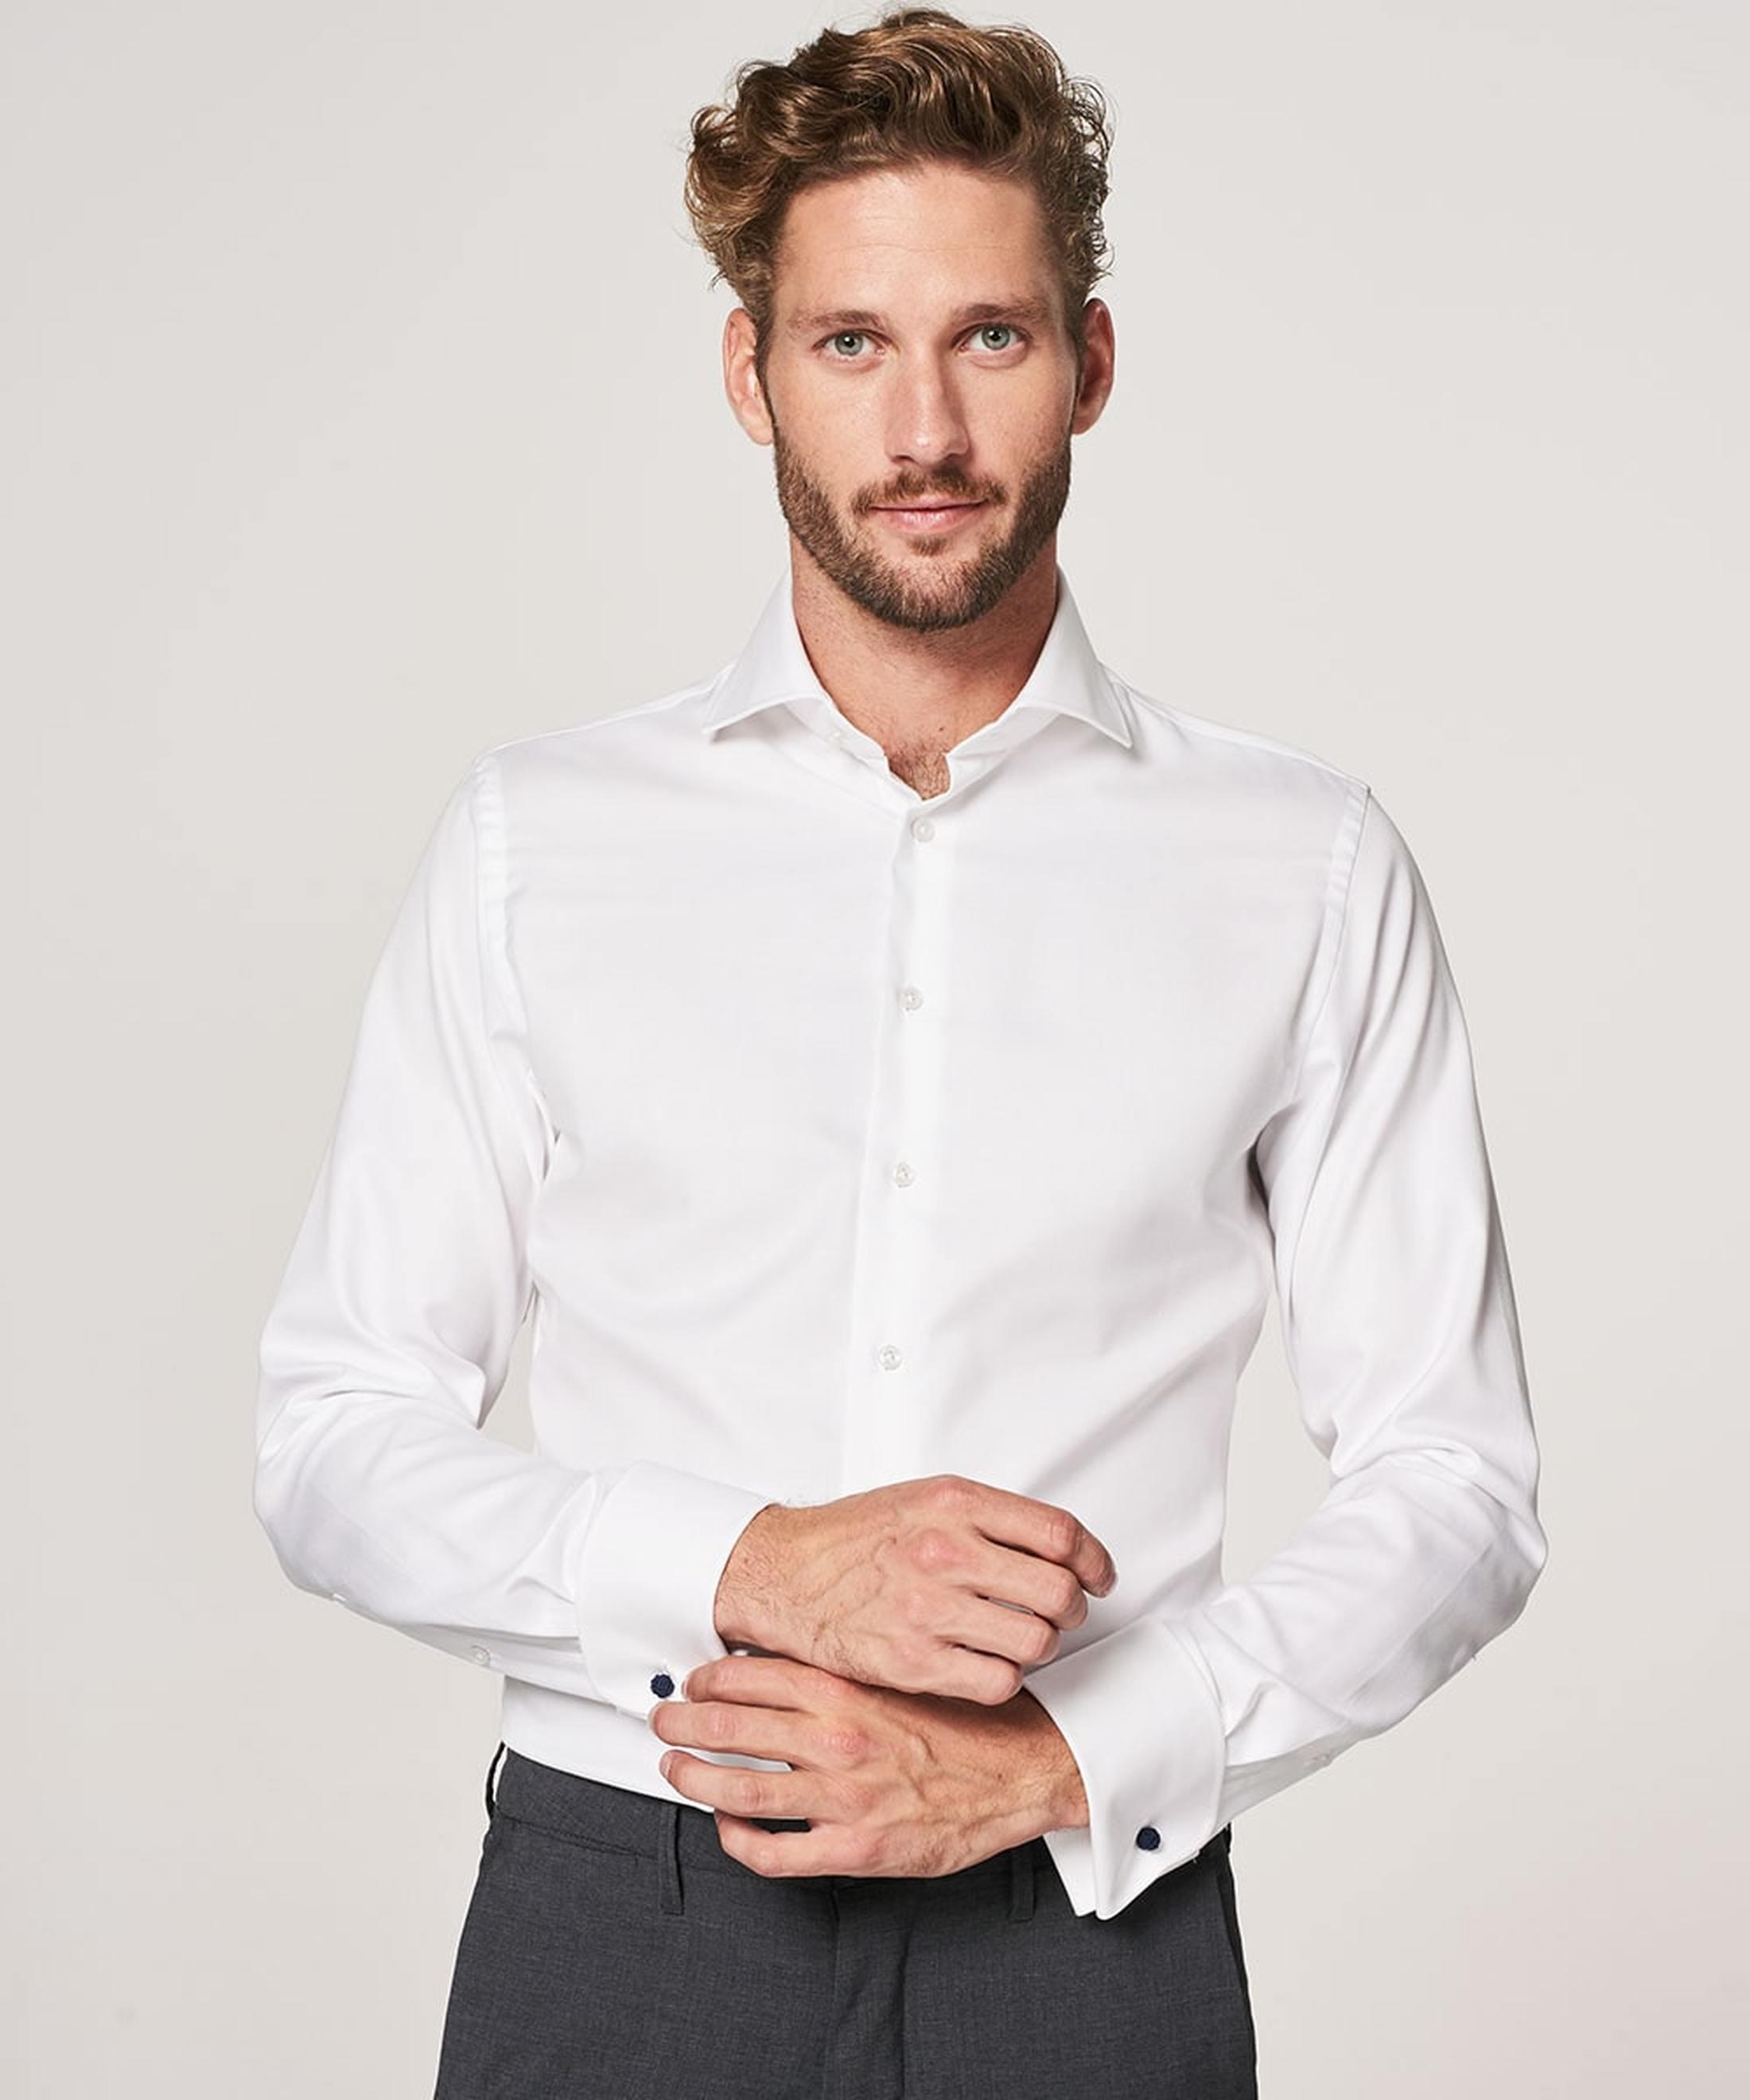 Profuomo Shirt Cutaway Doppel Manschette Weiß foto 4